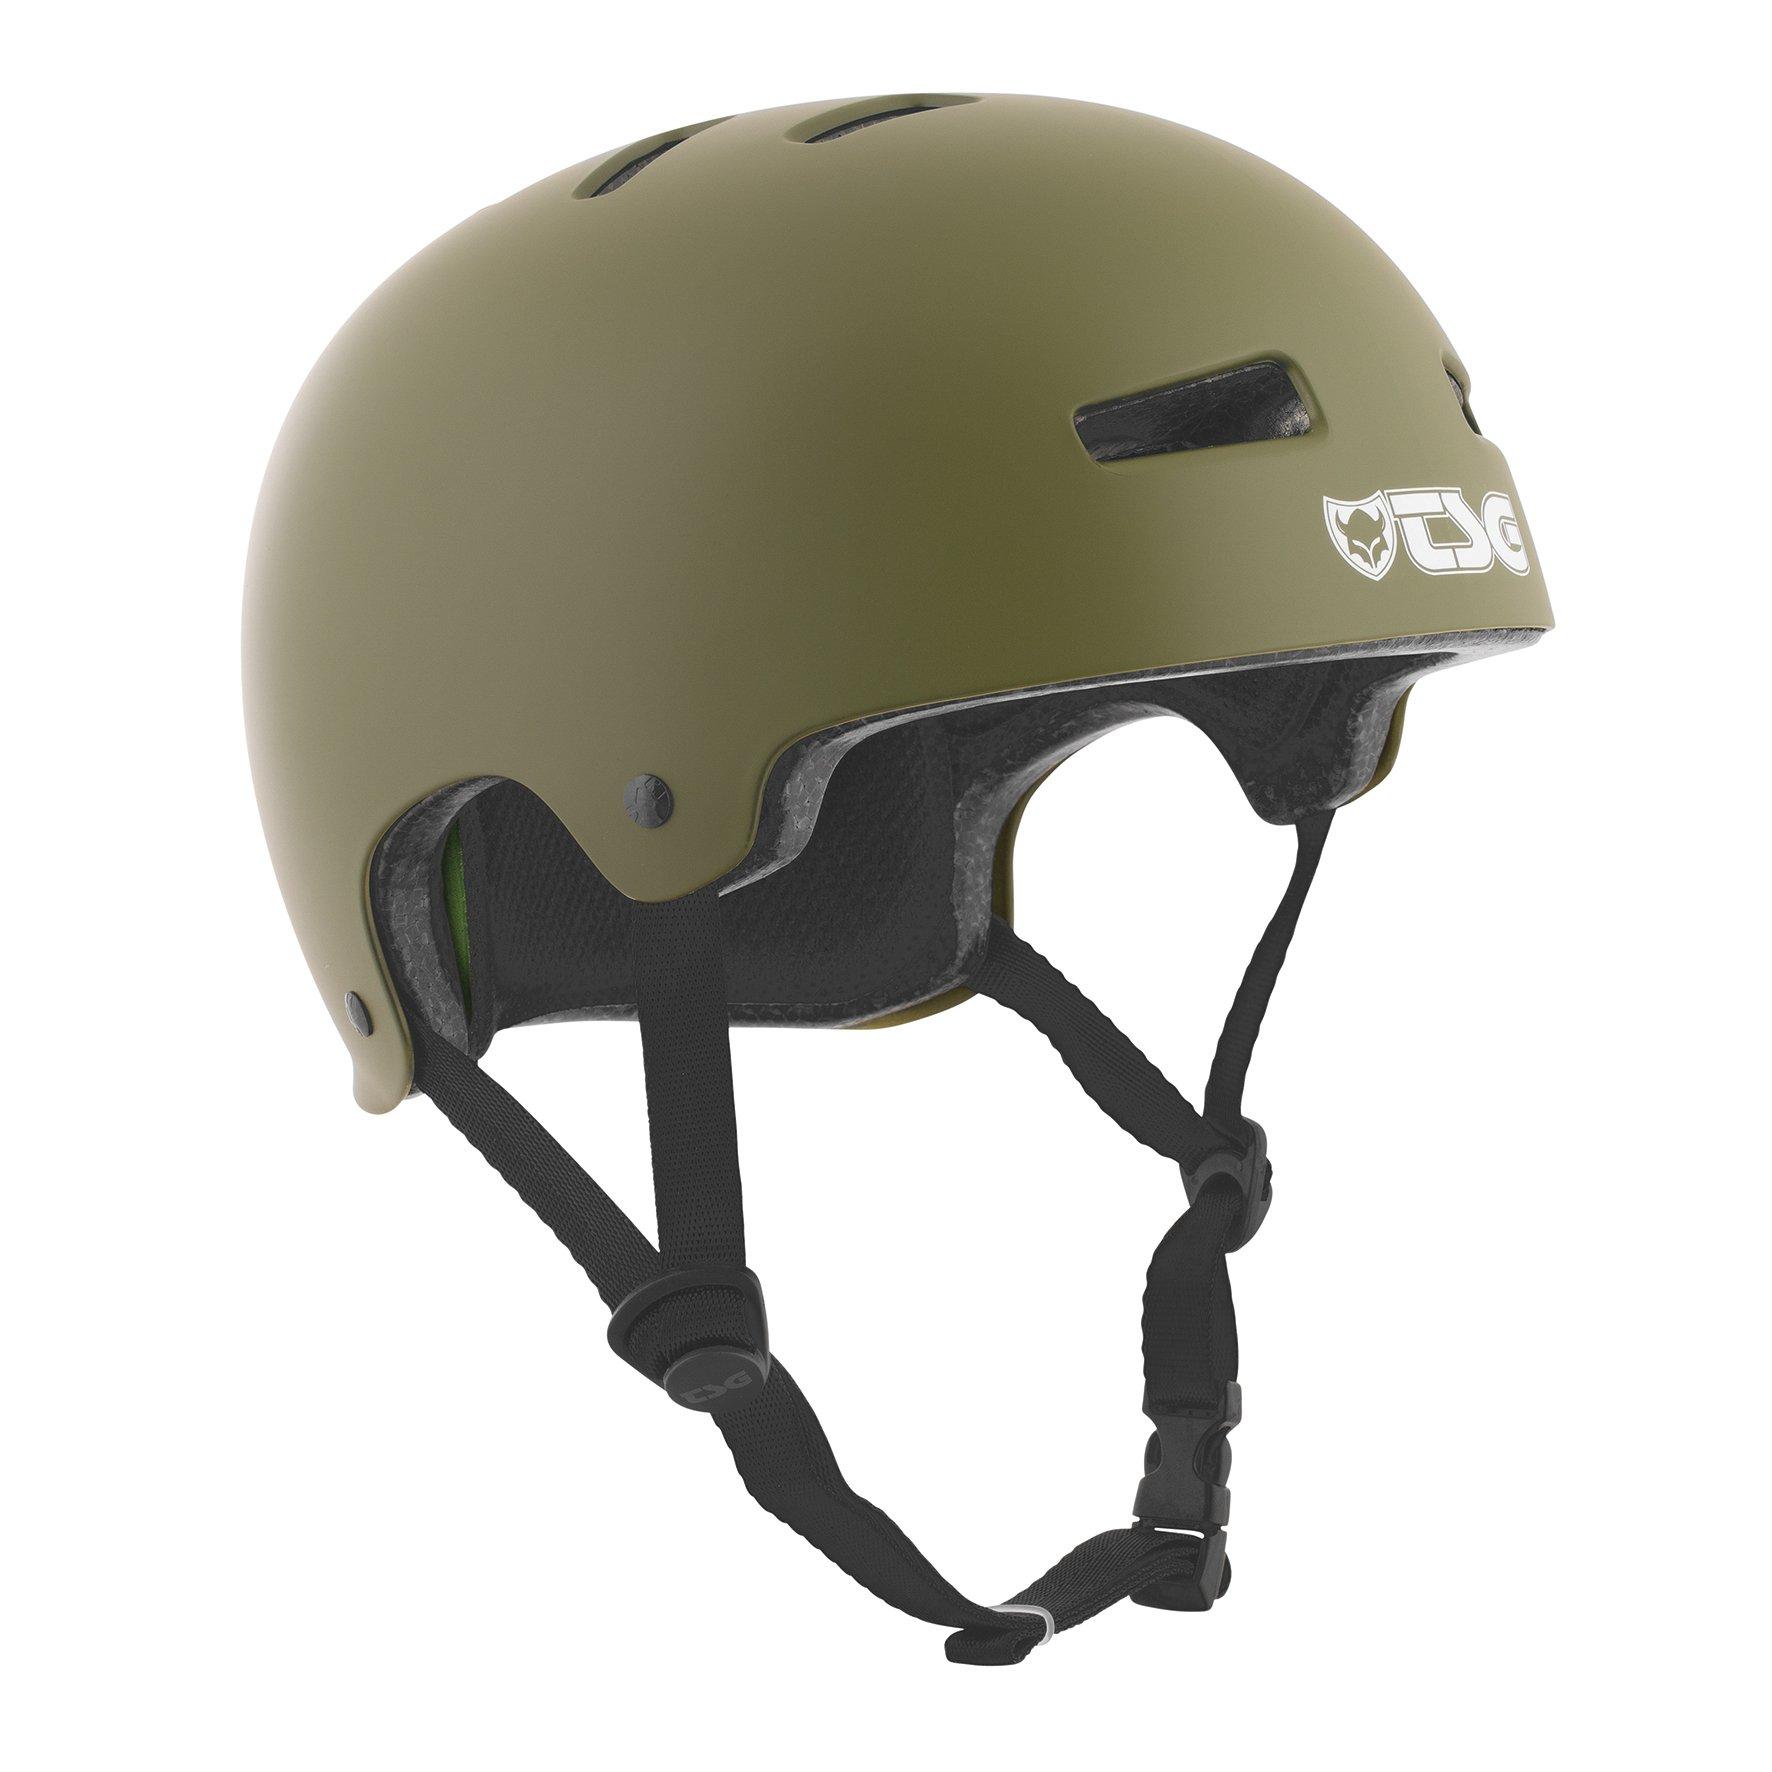 TSG - Evolution Solid Color (Satin Olive, S/M 54-56 cm) Helmet for Bicycle Skateboard